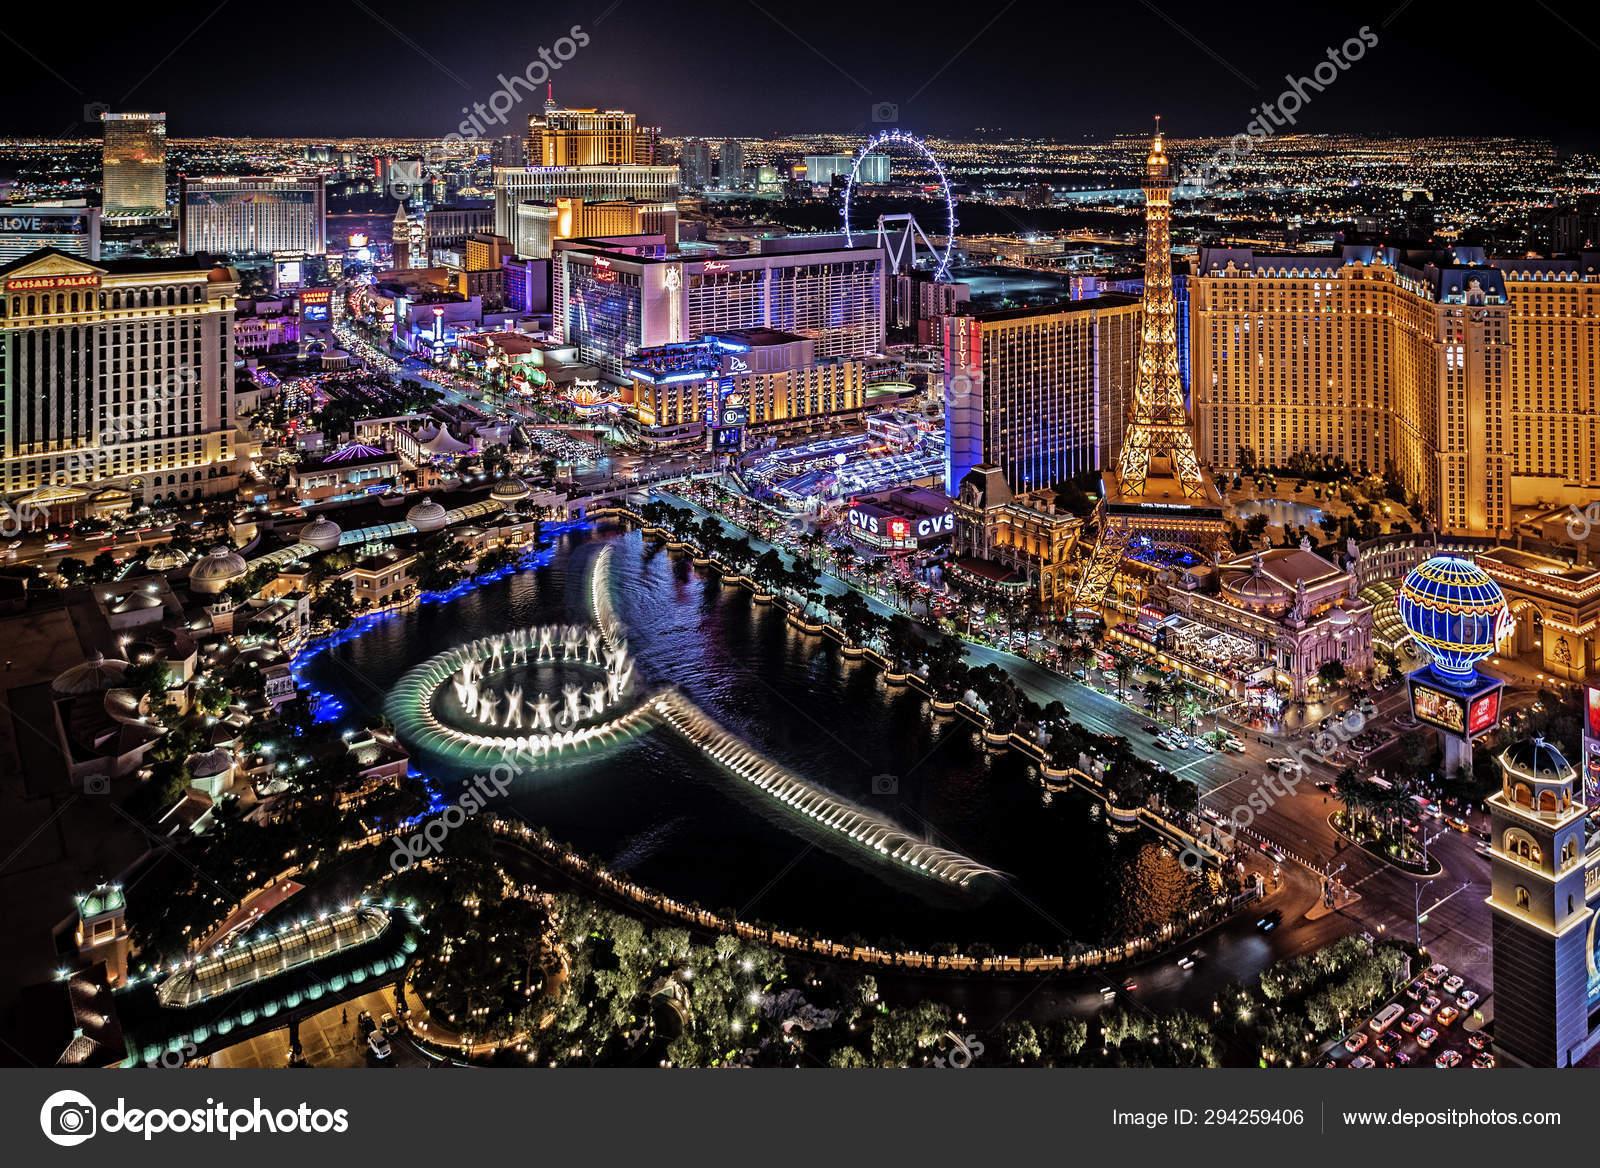 Las Vegas Nevada 2019 Panoramic View Las Vegas Strip – Stock Editorial  Photo © rjv101@charter.net #294259406